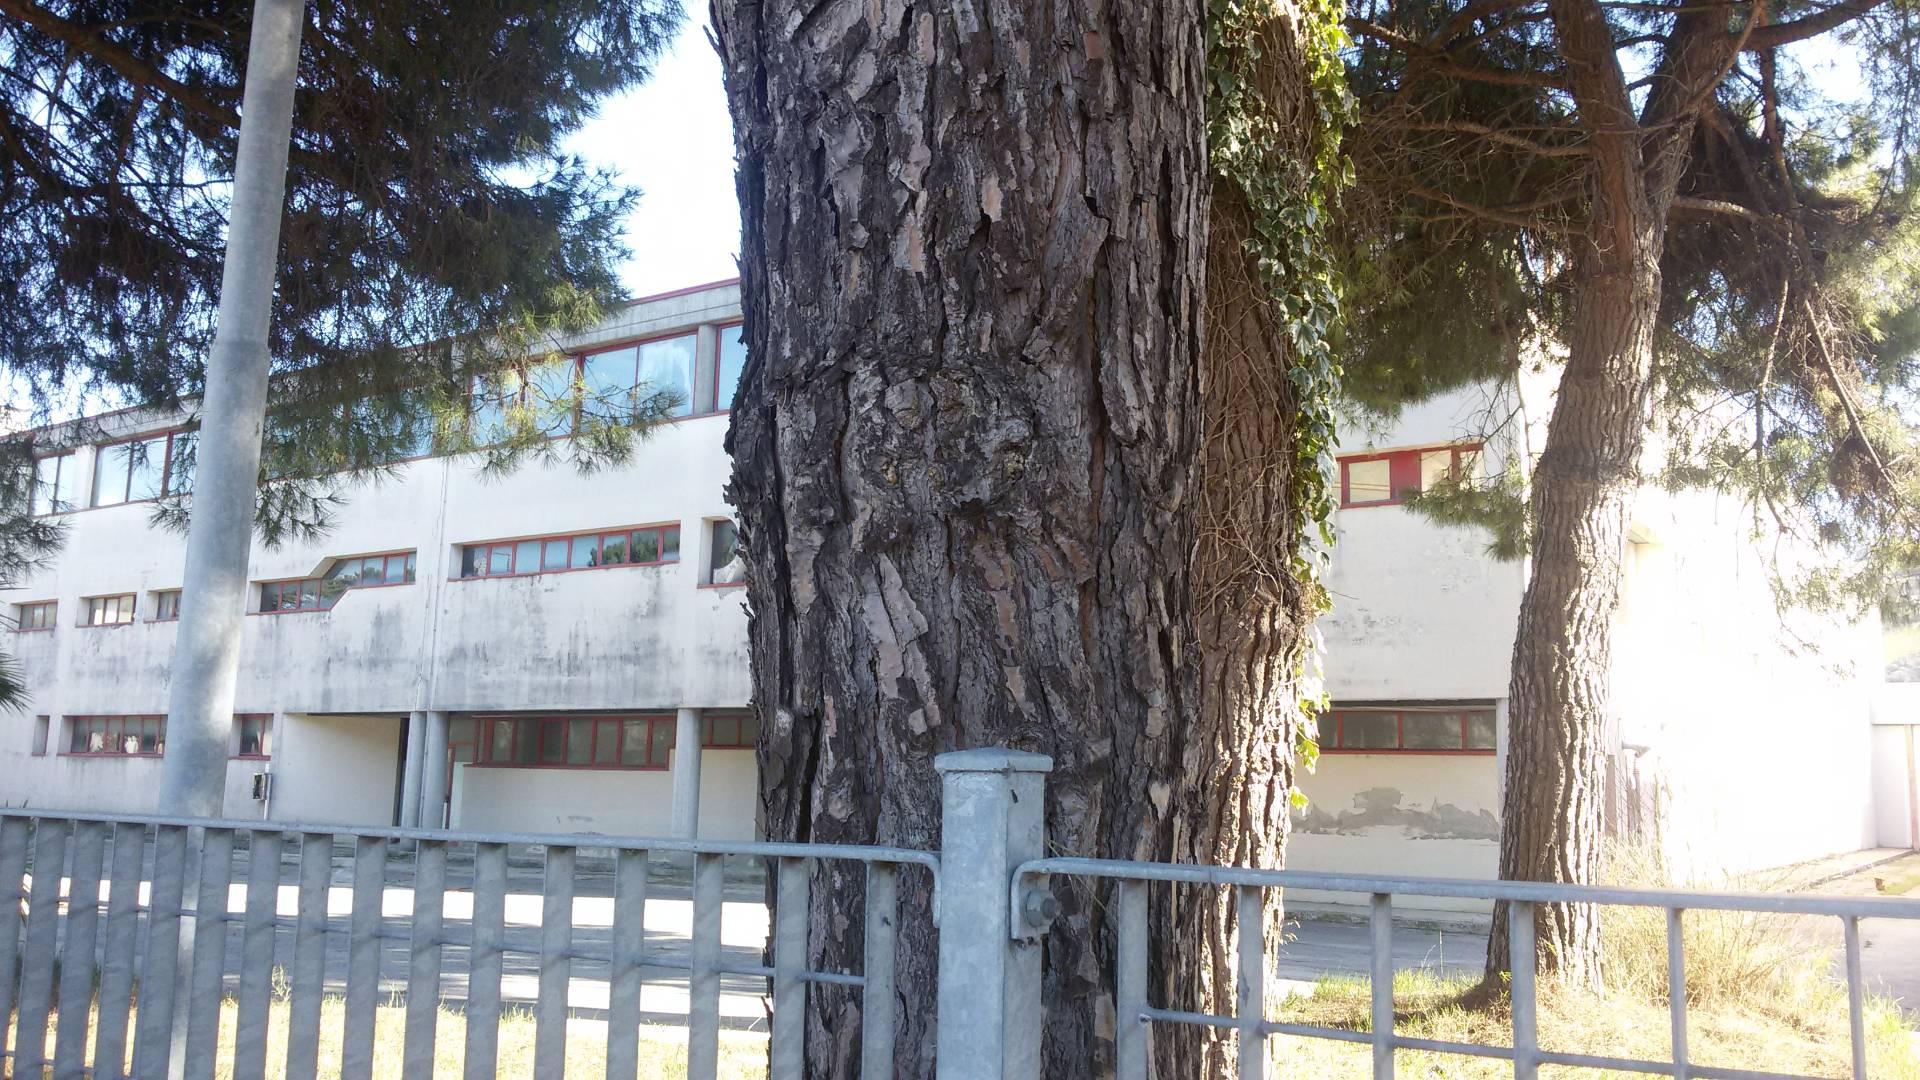 Capannone in vendita a Monteprandone, 9999 locali, zona Località: Centobuchi(sottolaSalaria, prezzo € 860.000 | Cambio Casa.it